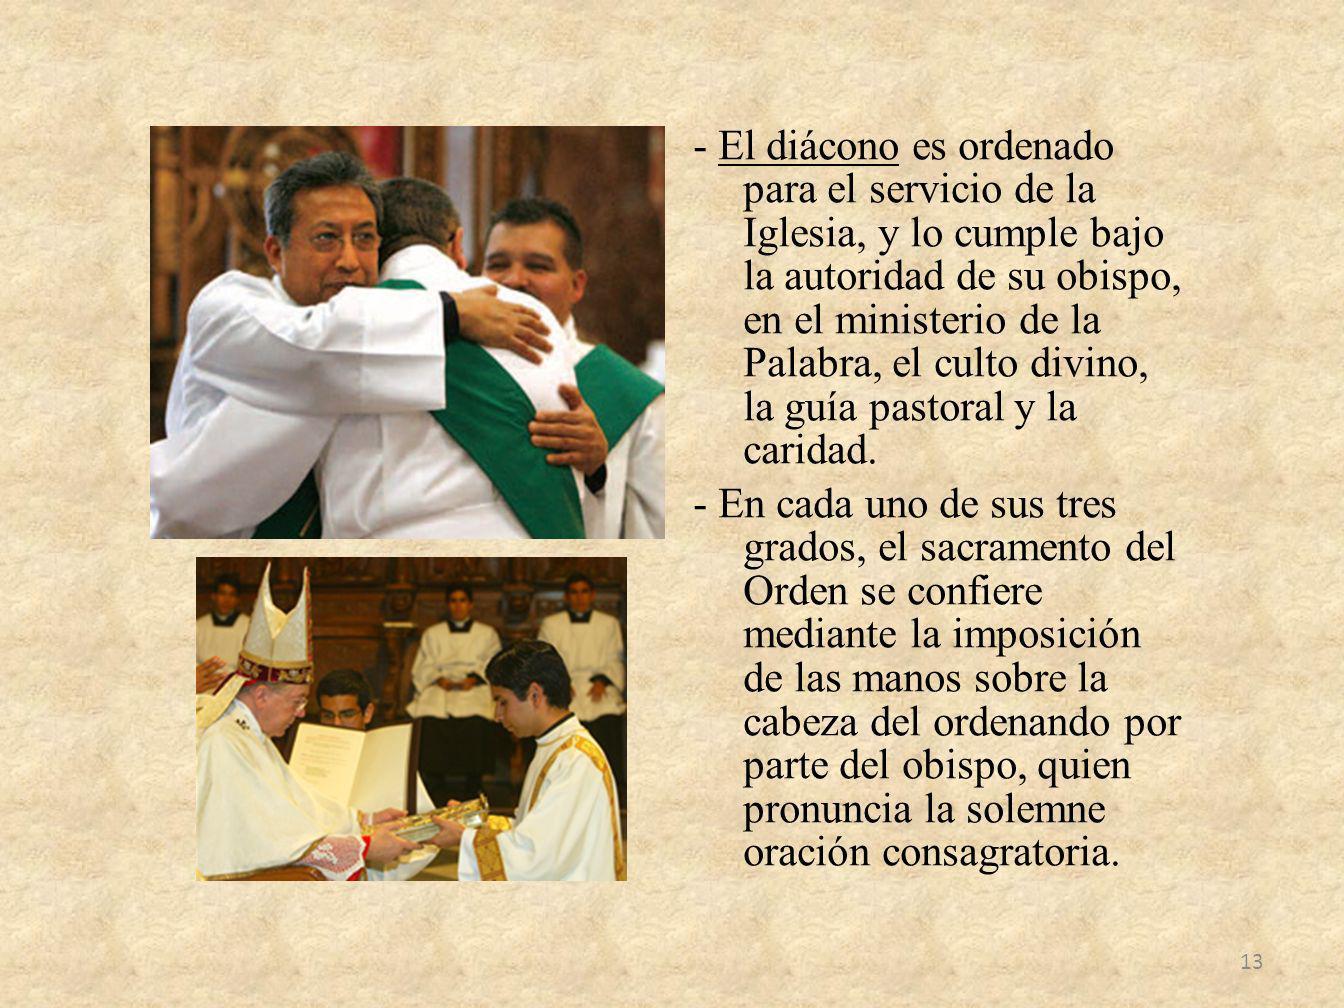 - El diácono es ordenado para el servicio de la Iglesia, y lo cumple bajo la autoridad de su obispo, en el ministerio de la Palabra, el culto divino, la guía pastoral y la caridad.